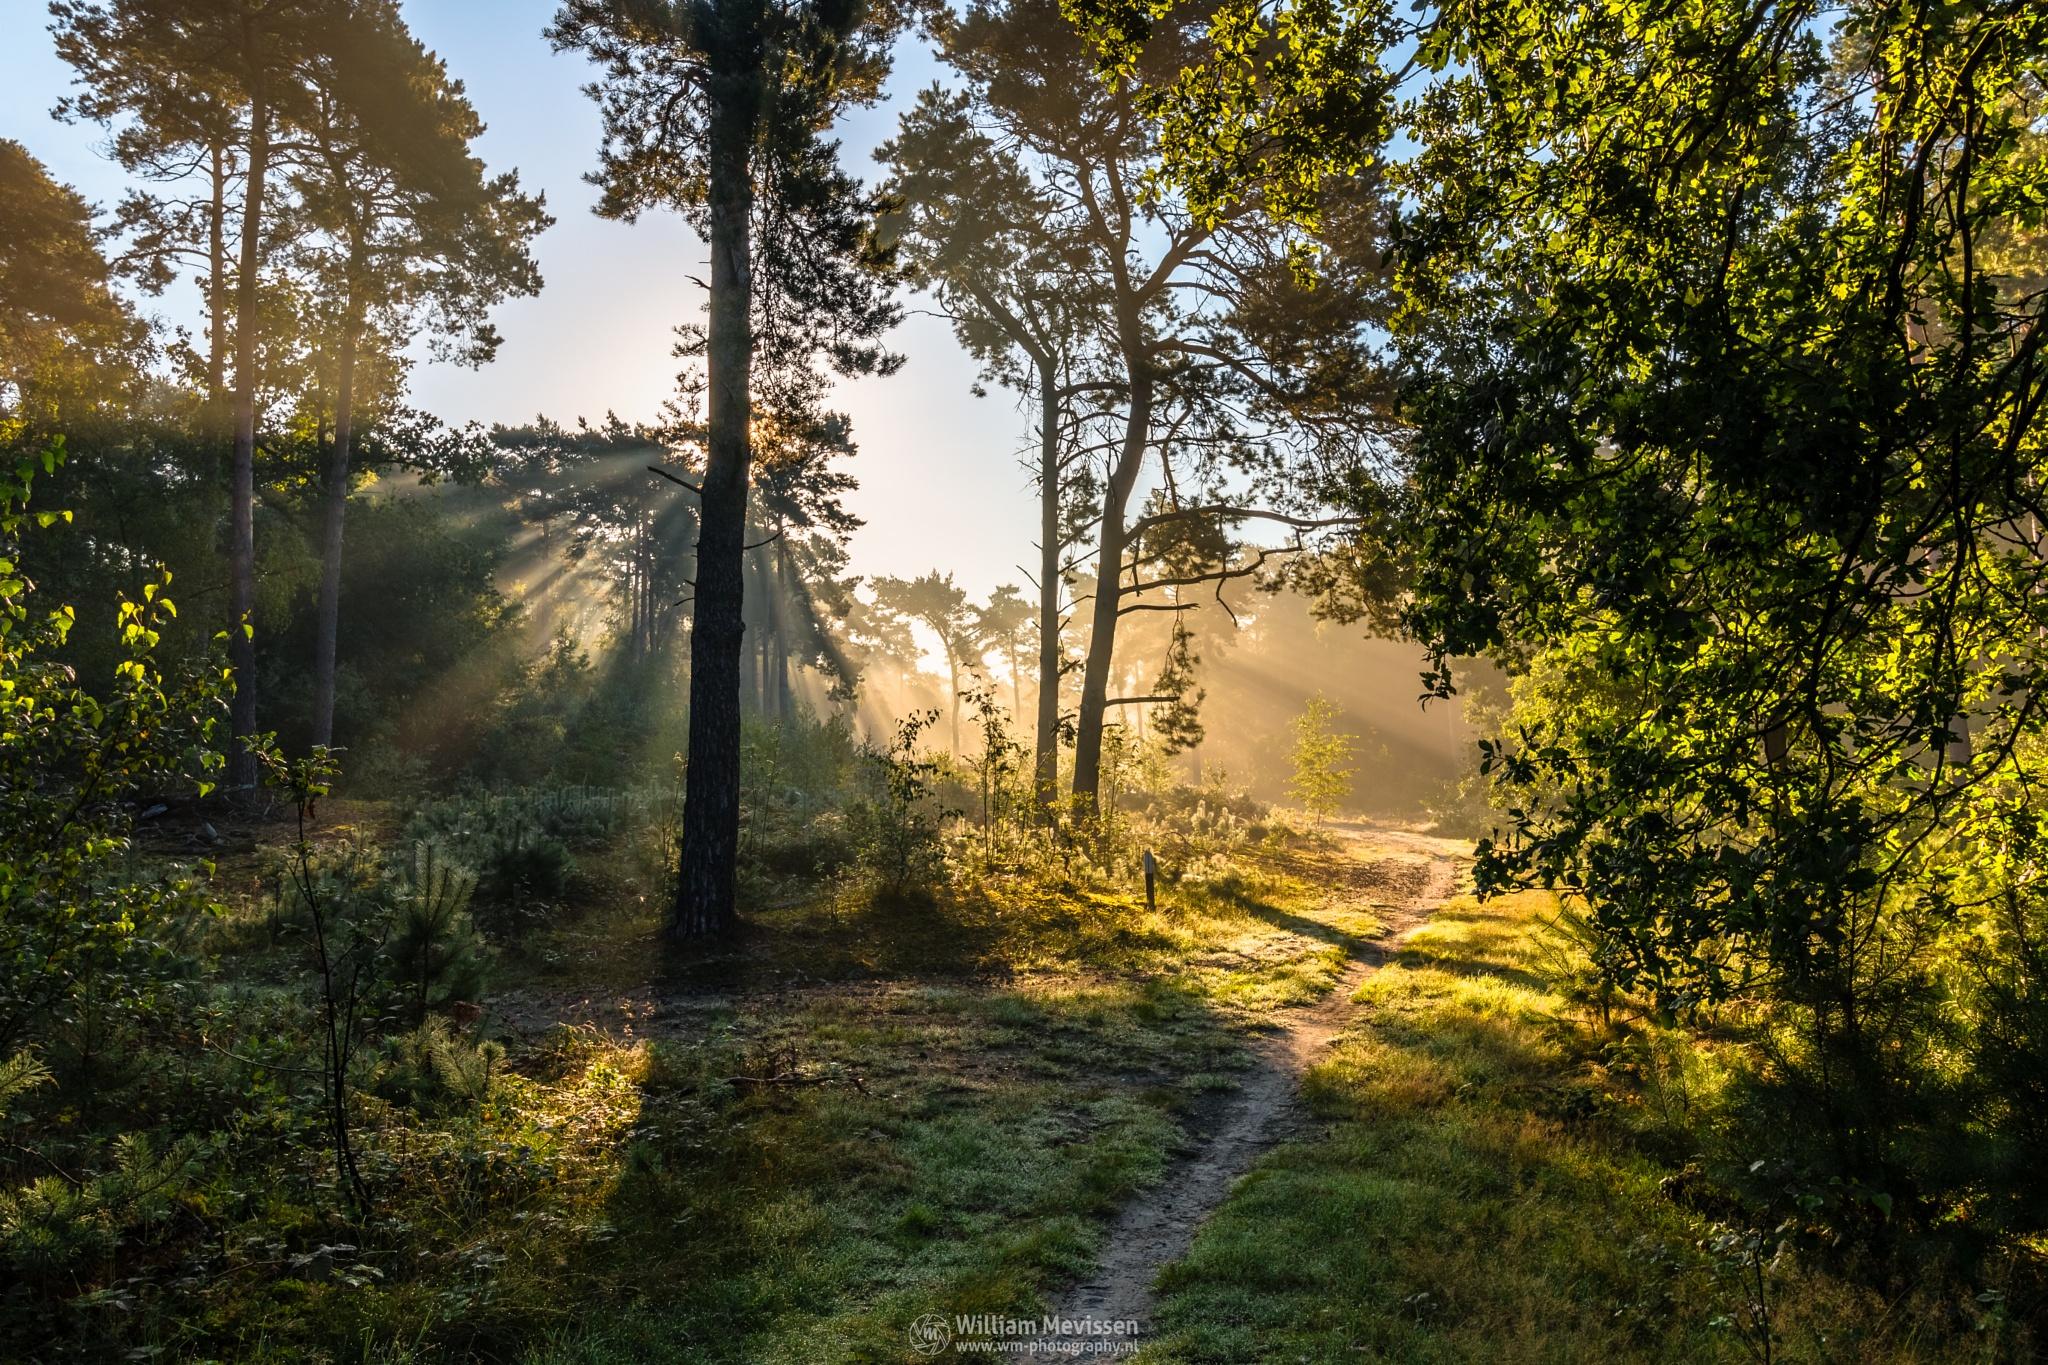 Forest Light by William Mevissen